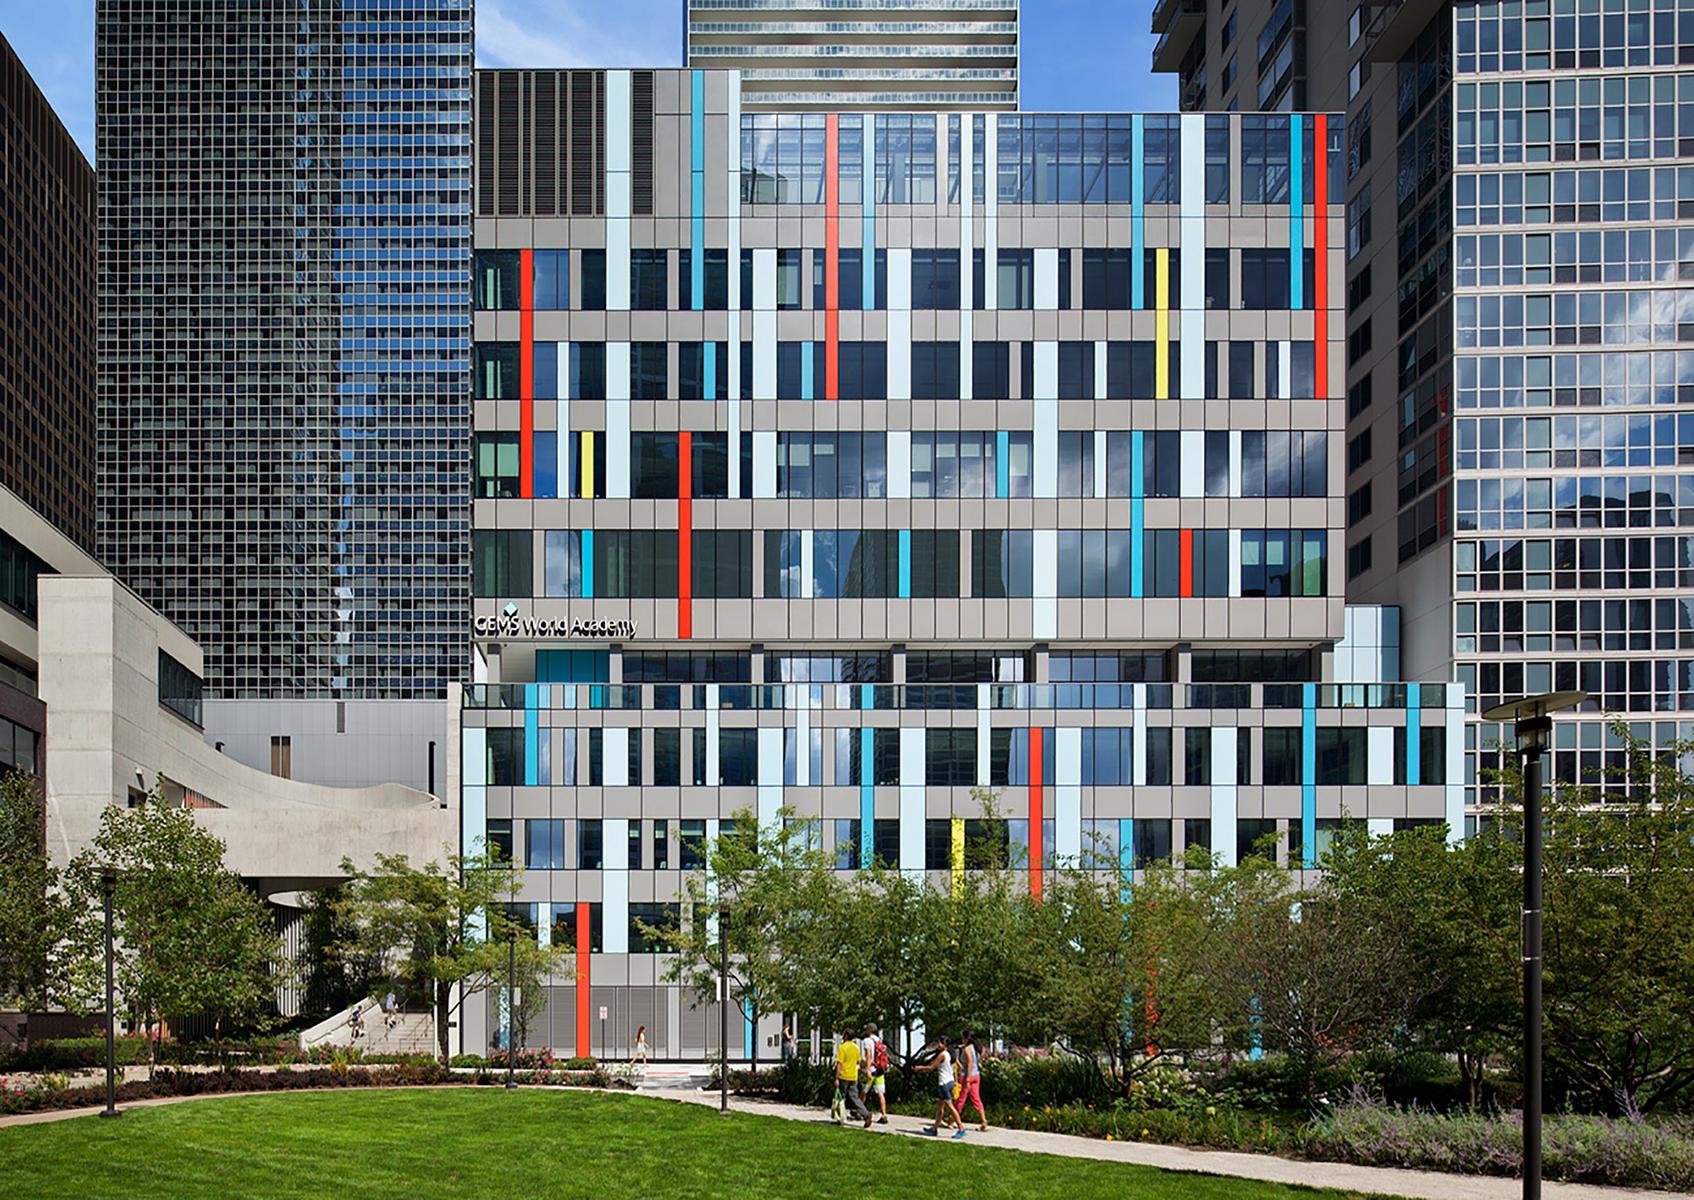 <a href='https://revistaaxxis.com.co/28741-2/'><h2>¿Le apasiona la arquitectura? agéndese para Open House de Chicago</h2>¿Alguna vez ha caminado por un edificio y pensado, desearía poder ver lo que hay dentro?Cadaañoy durante un fin de semana,el OHC (Open House Chicago) le da la entrada a las joyas arquitectónicas de la cuidad y gratis.</a>